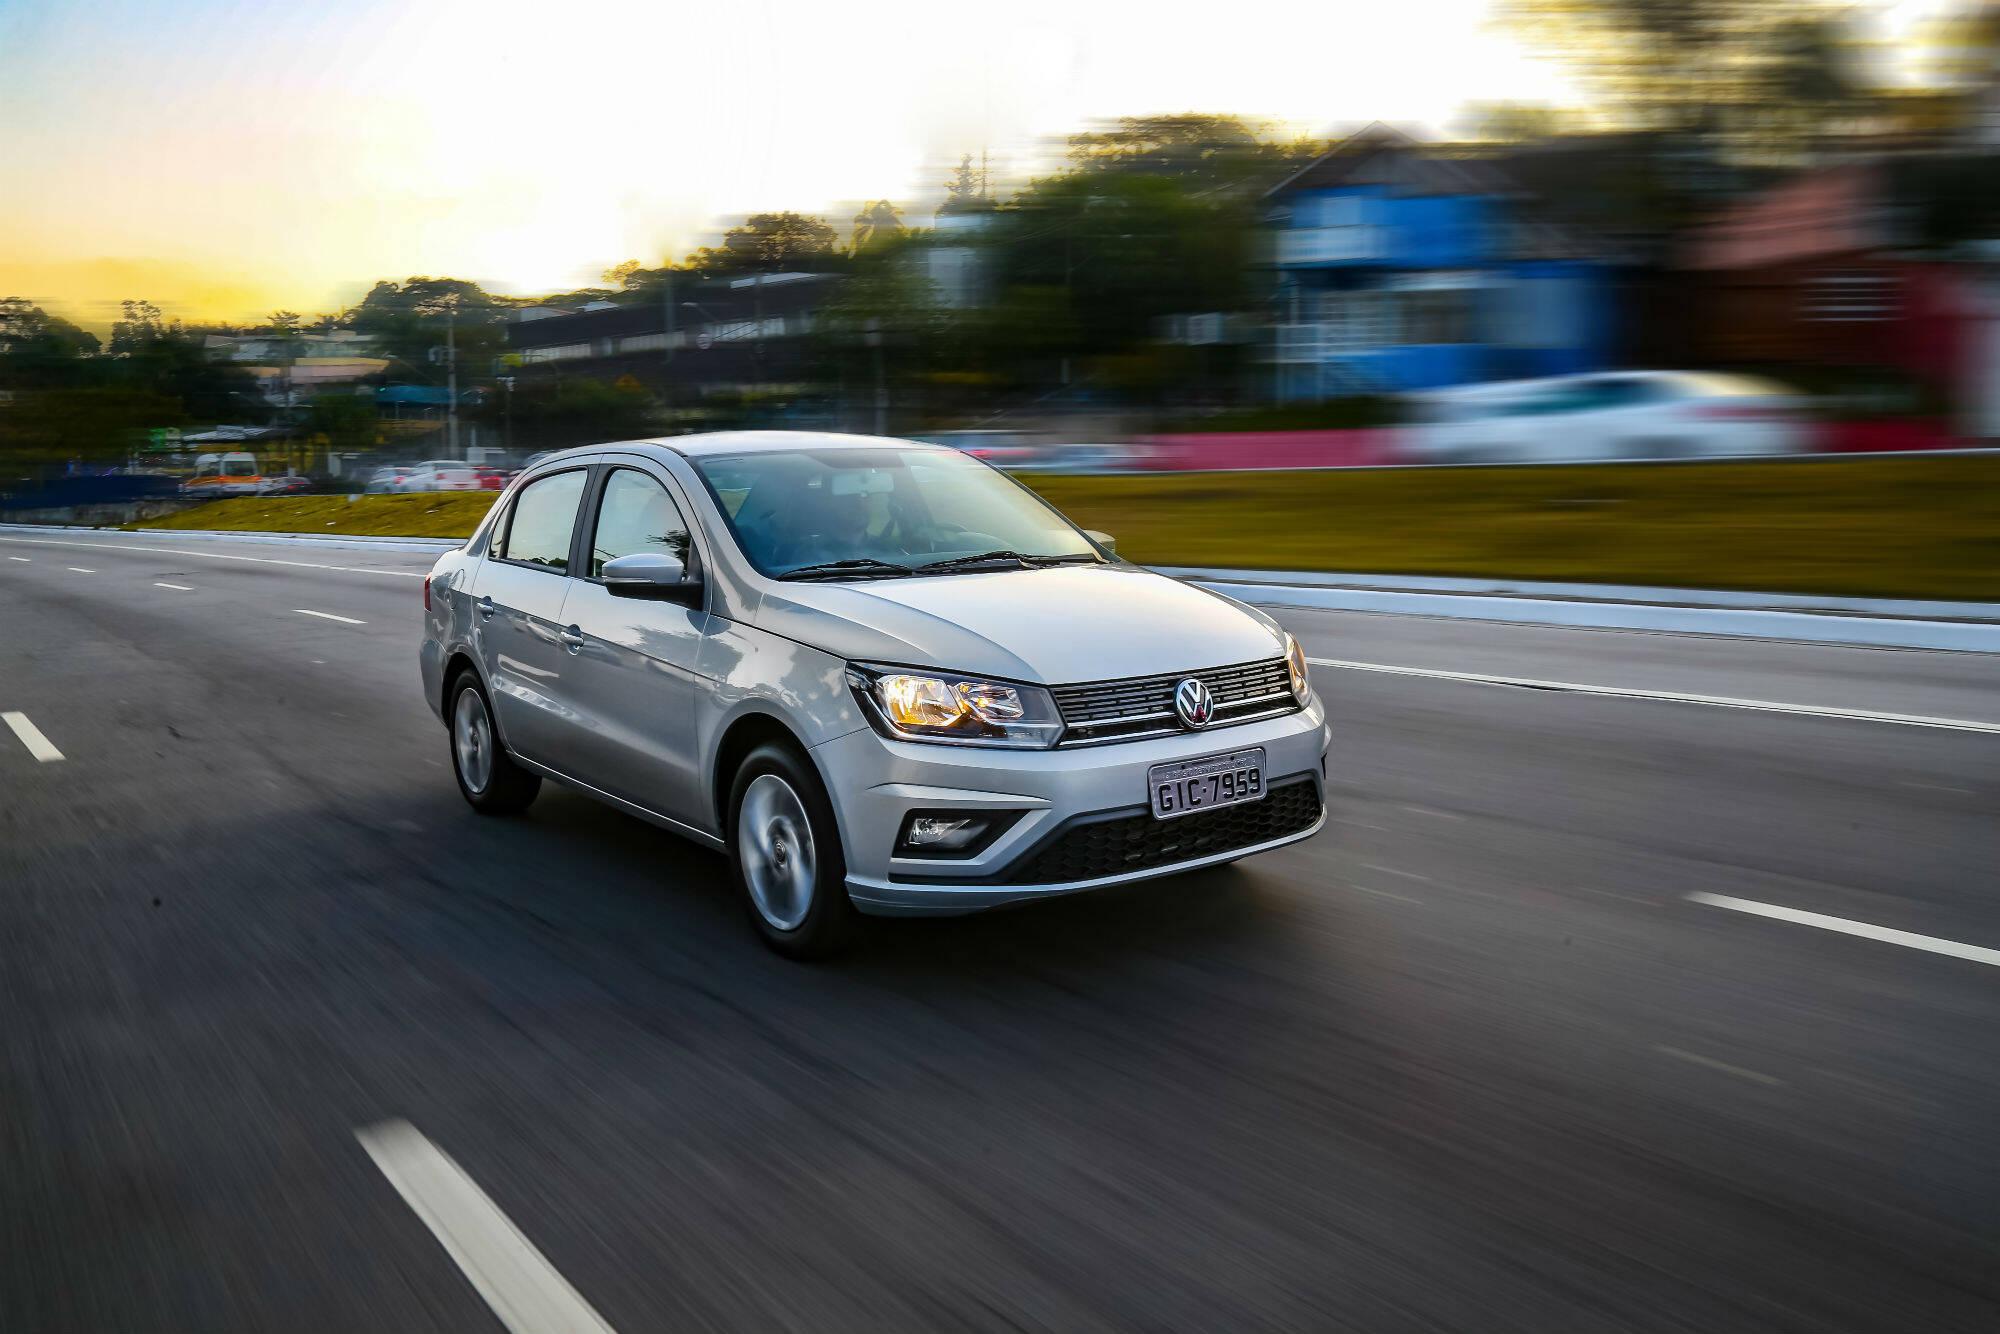 VW Voyage 1.6 automático. Foto: Divulgação